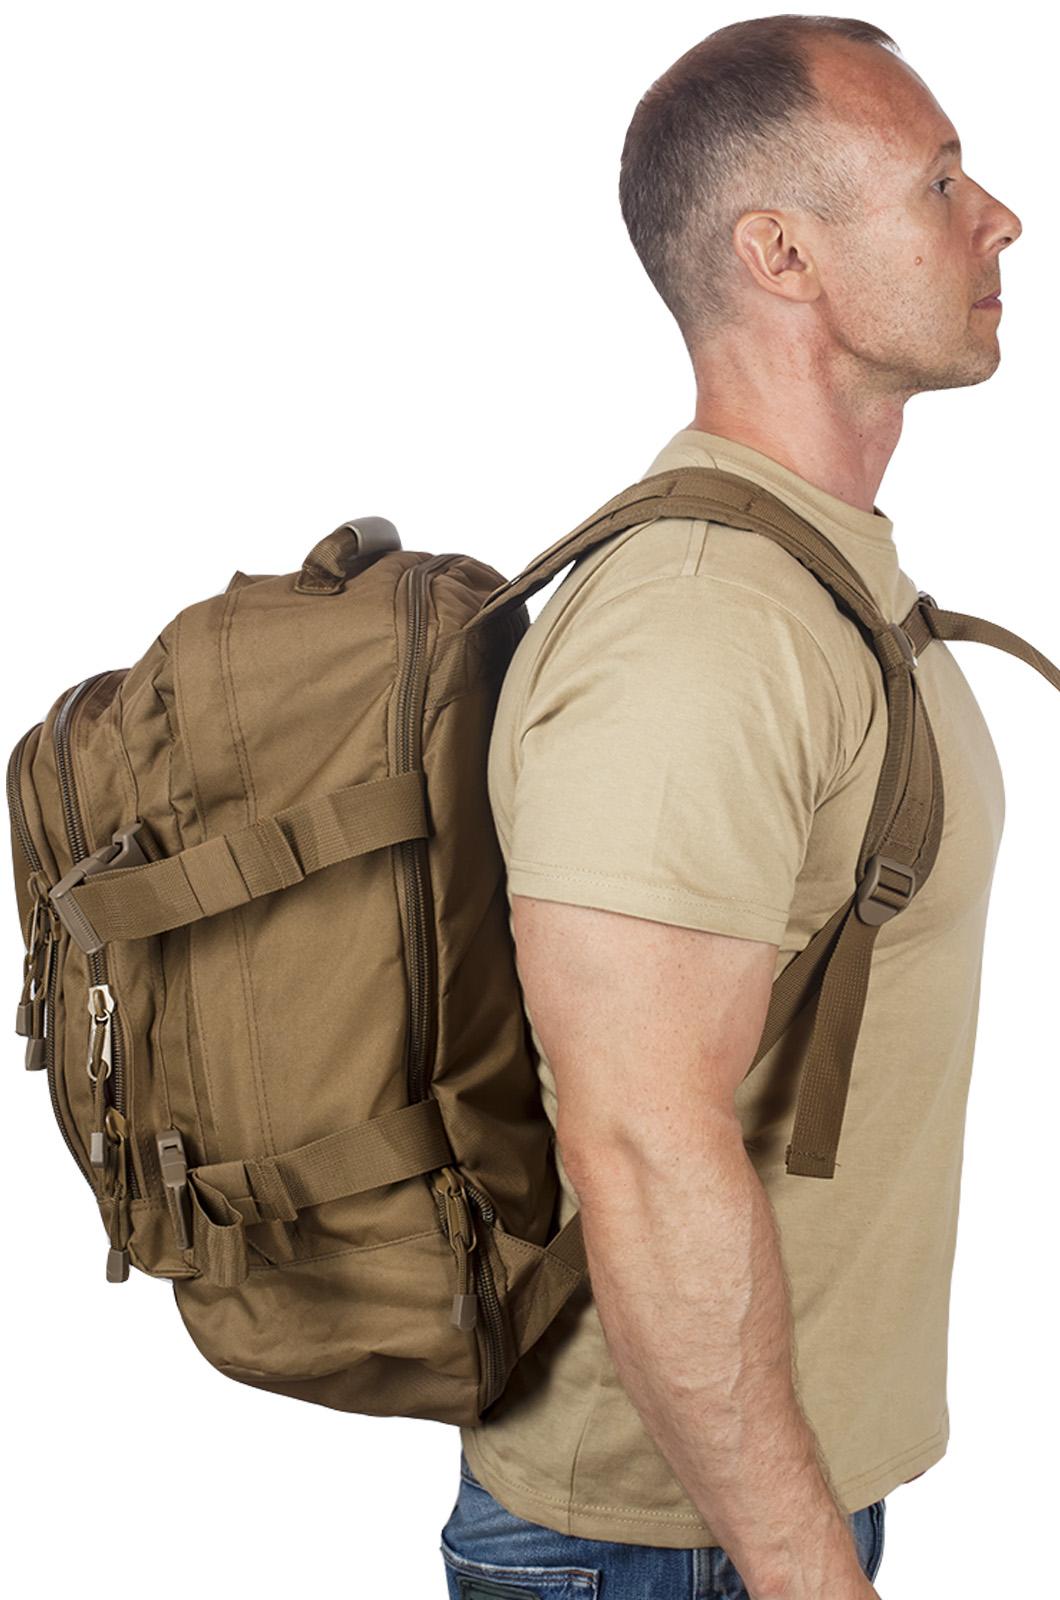 Мужской военный рюкзак с нашивкой Пограничной службы - заказать в розницу